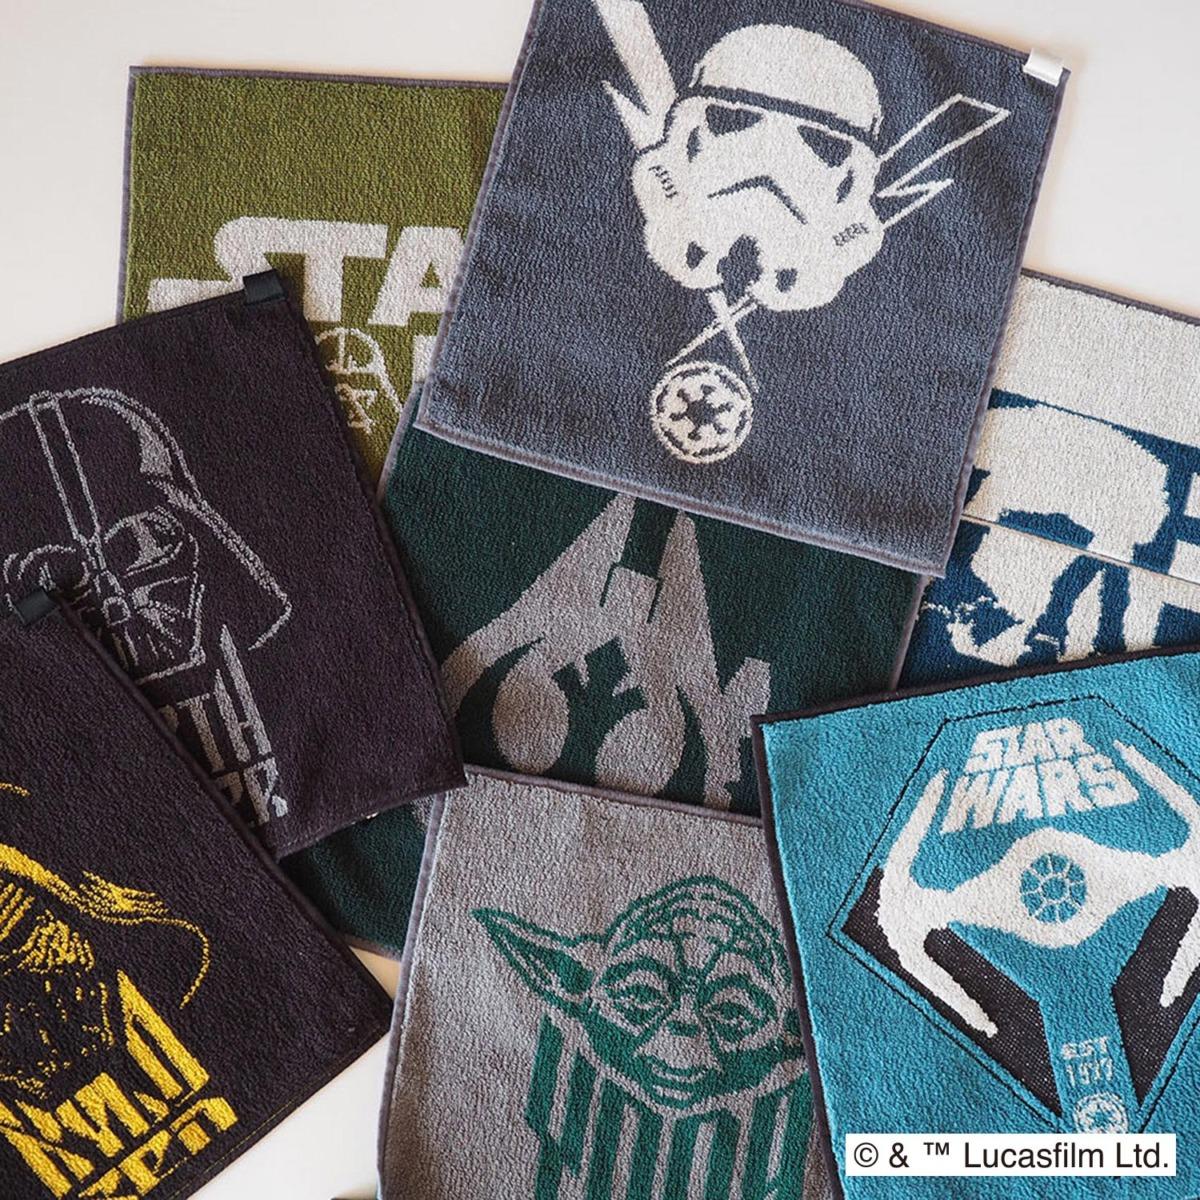 『STAR WARS』 mini towel